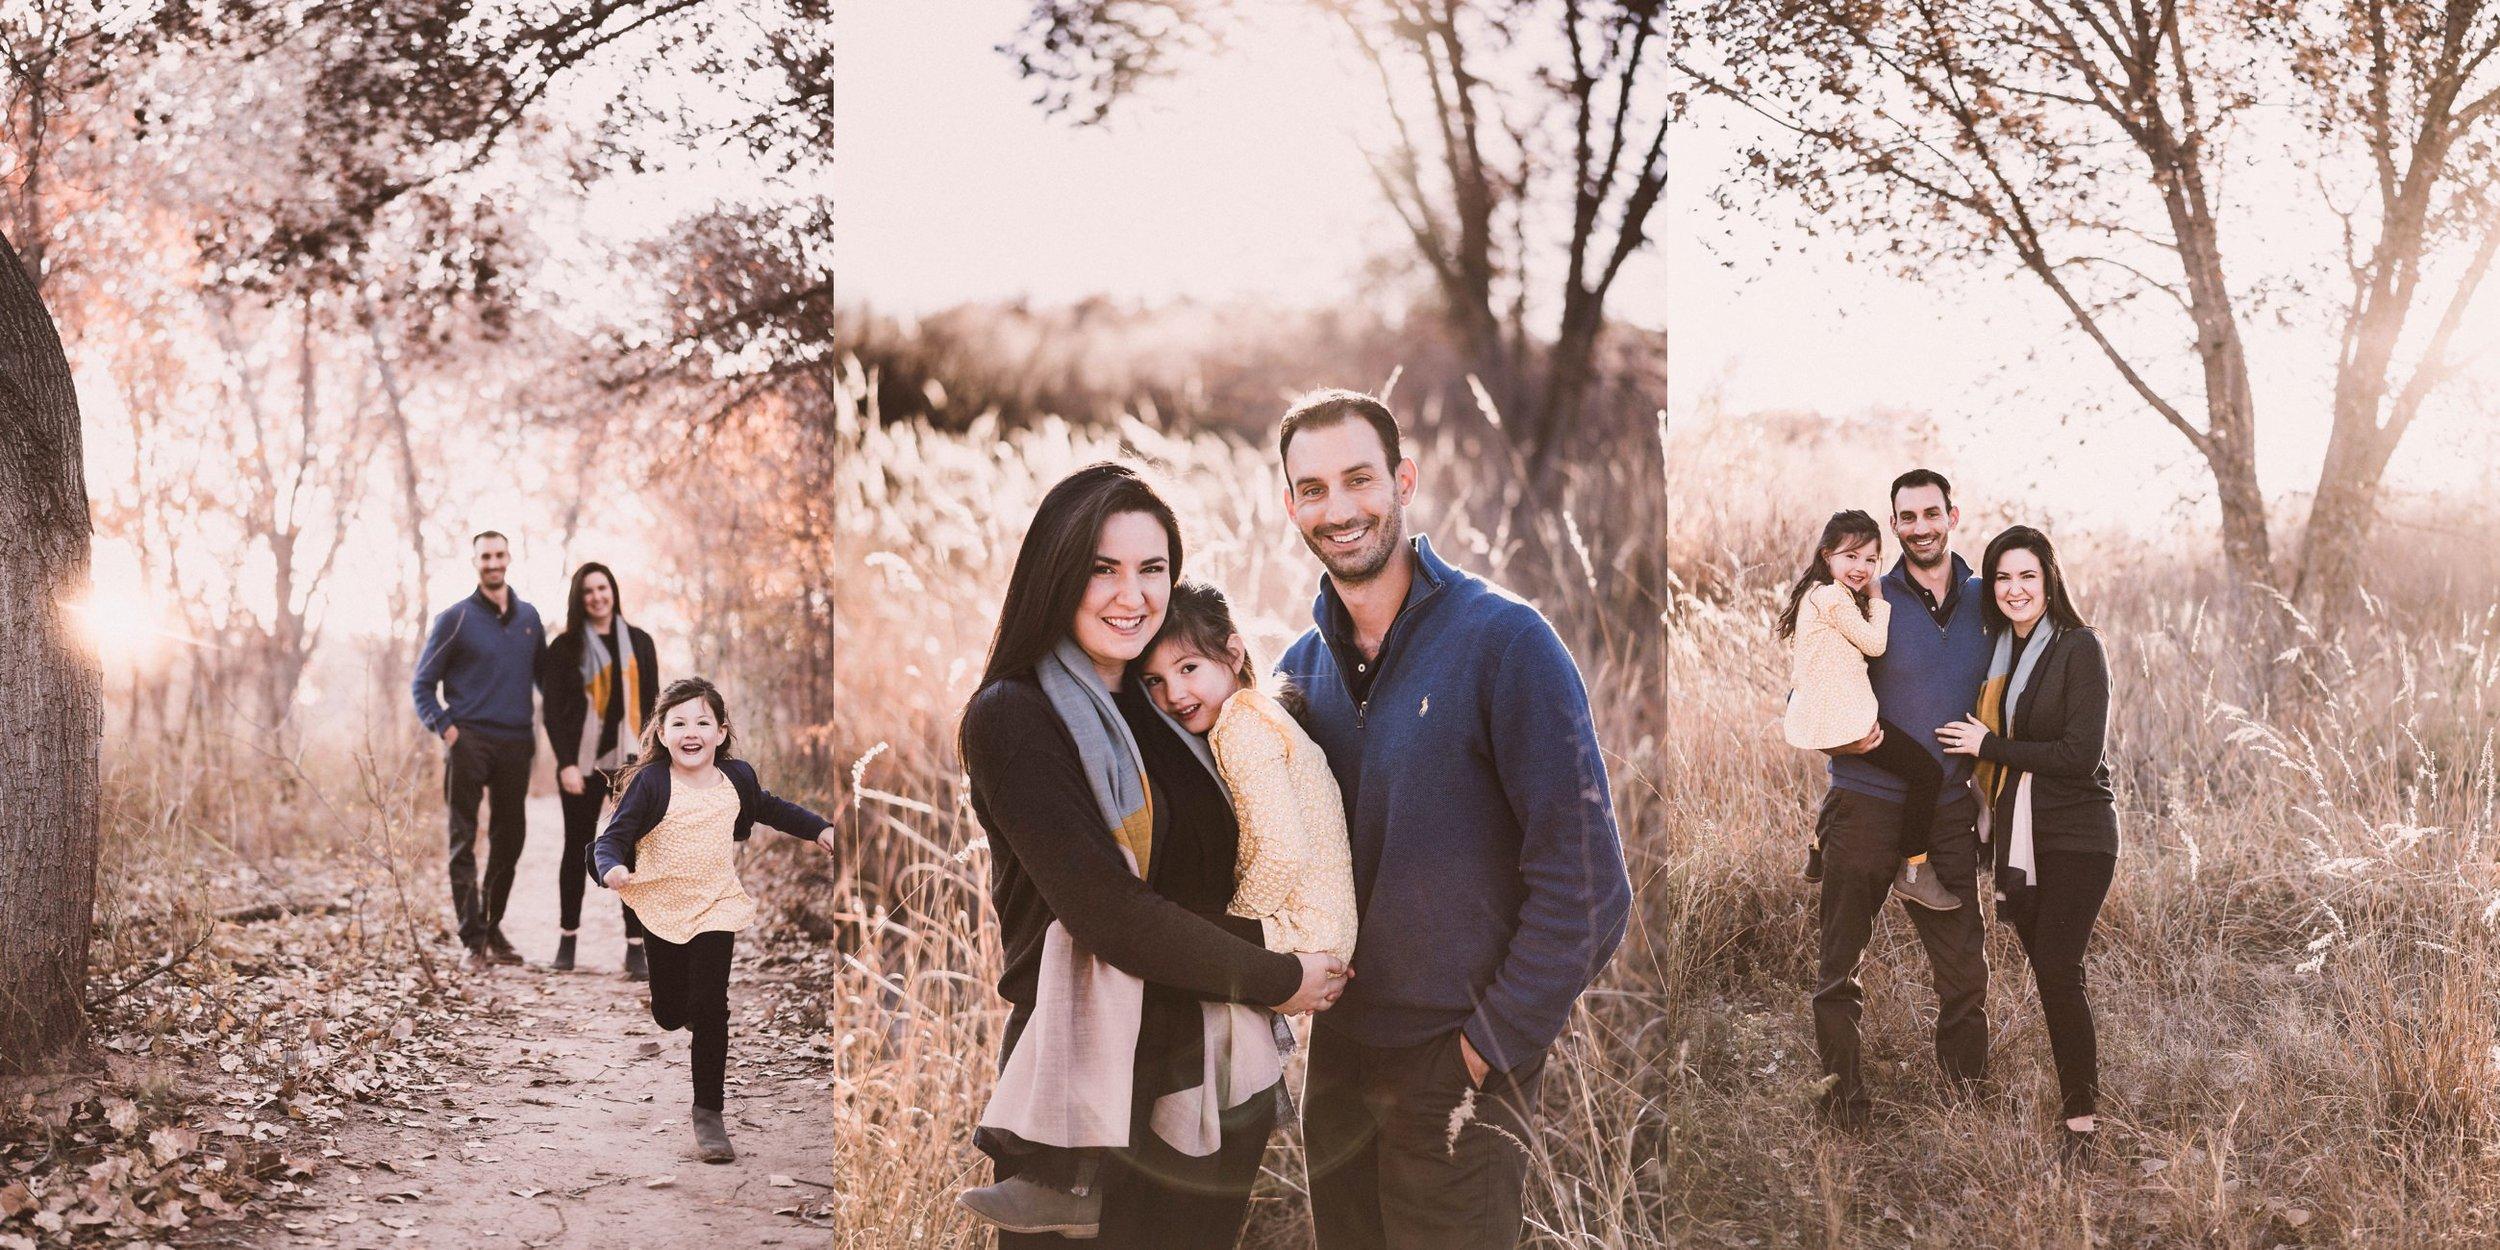 TONY-GAMBINO-PHOTOGRAPHY-BEND-OREGON-FAMILY-PHOTO-SHOOT-000_1553.jpg